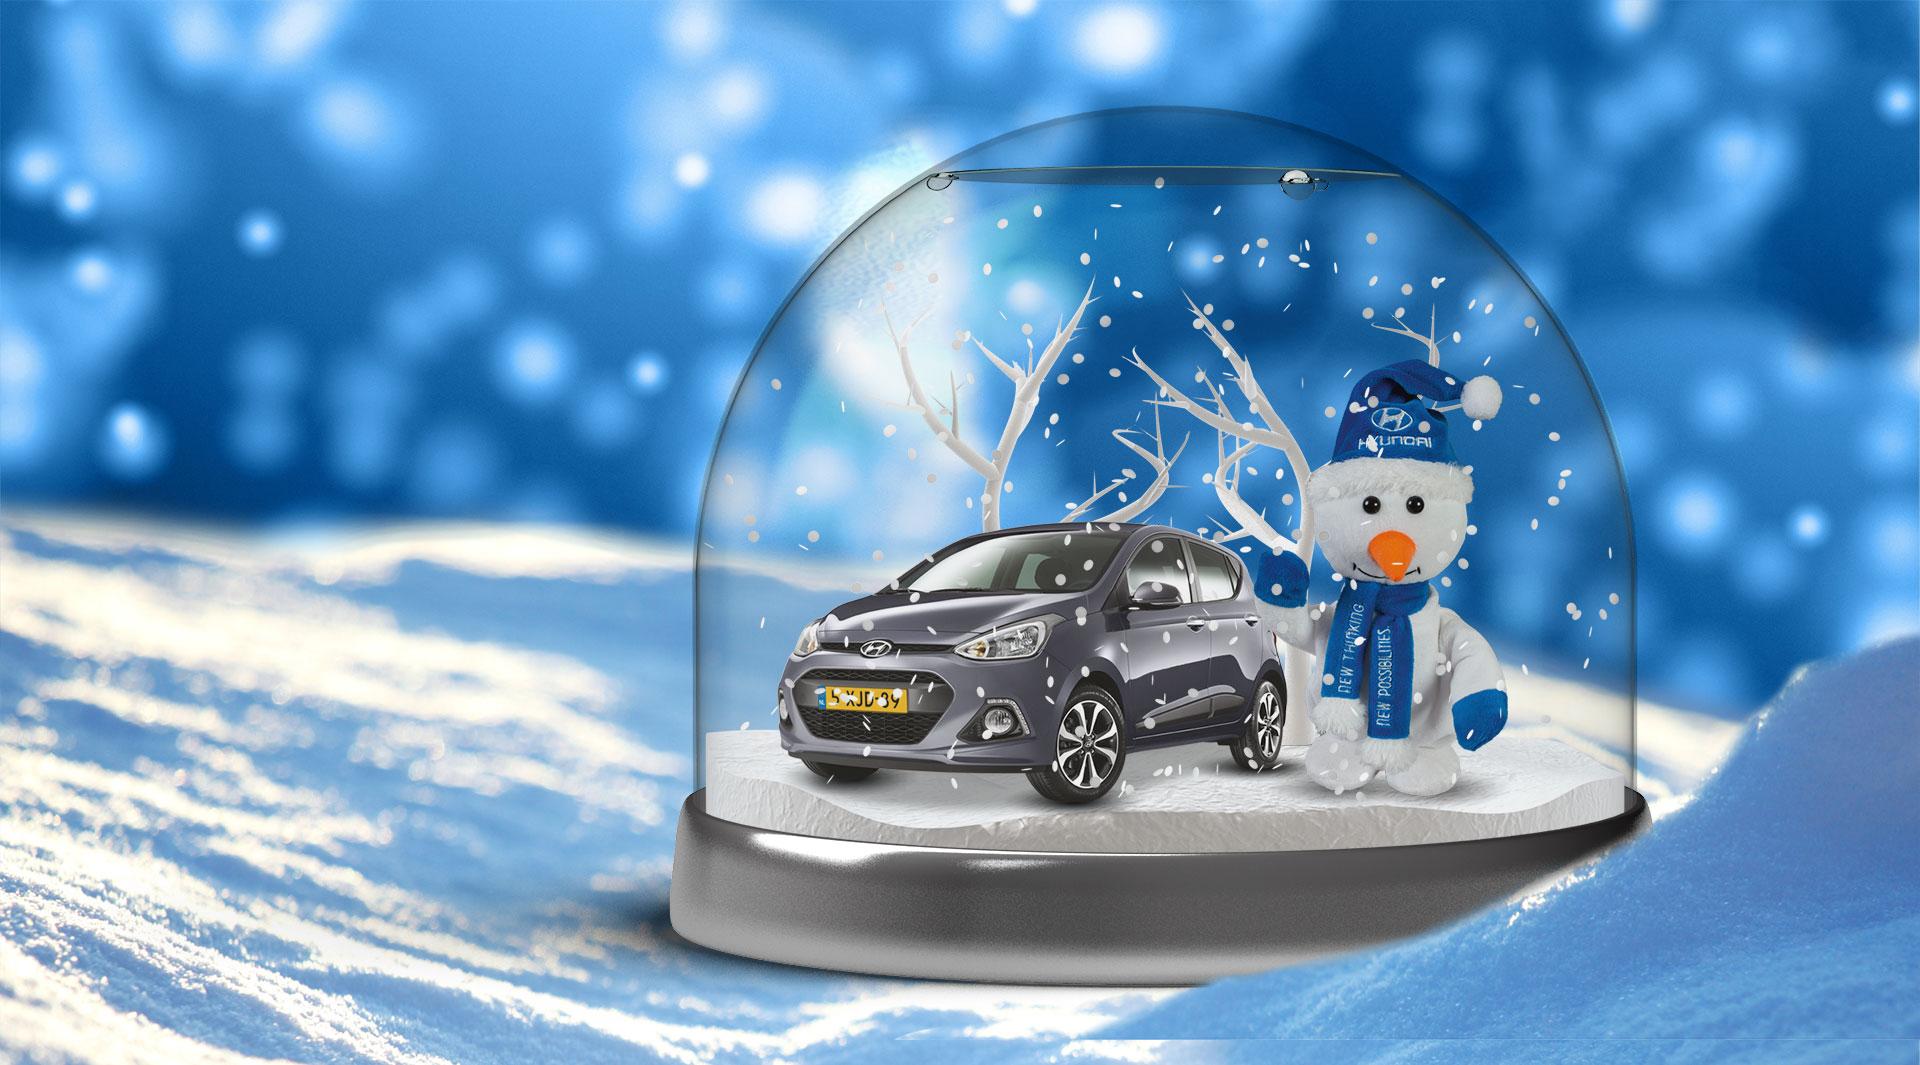 Hyundai winterinspectie 2016